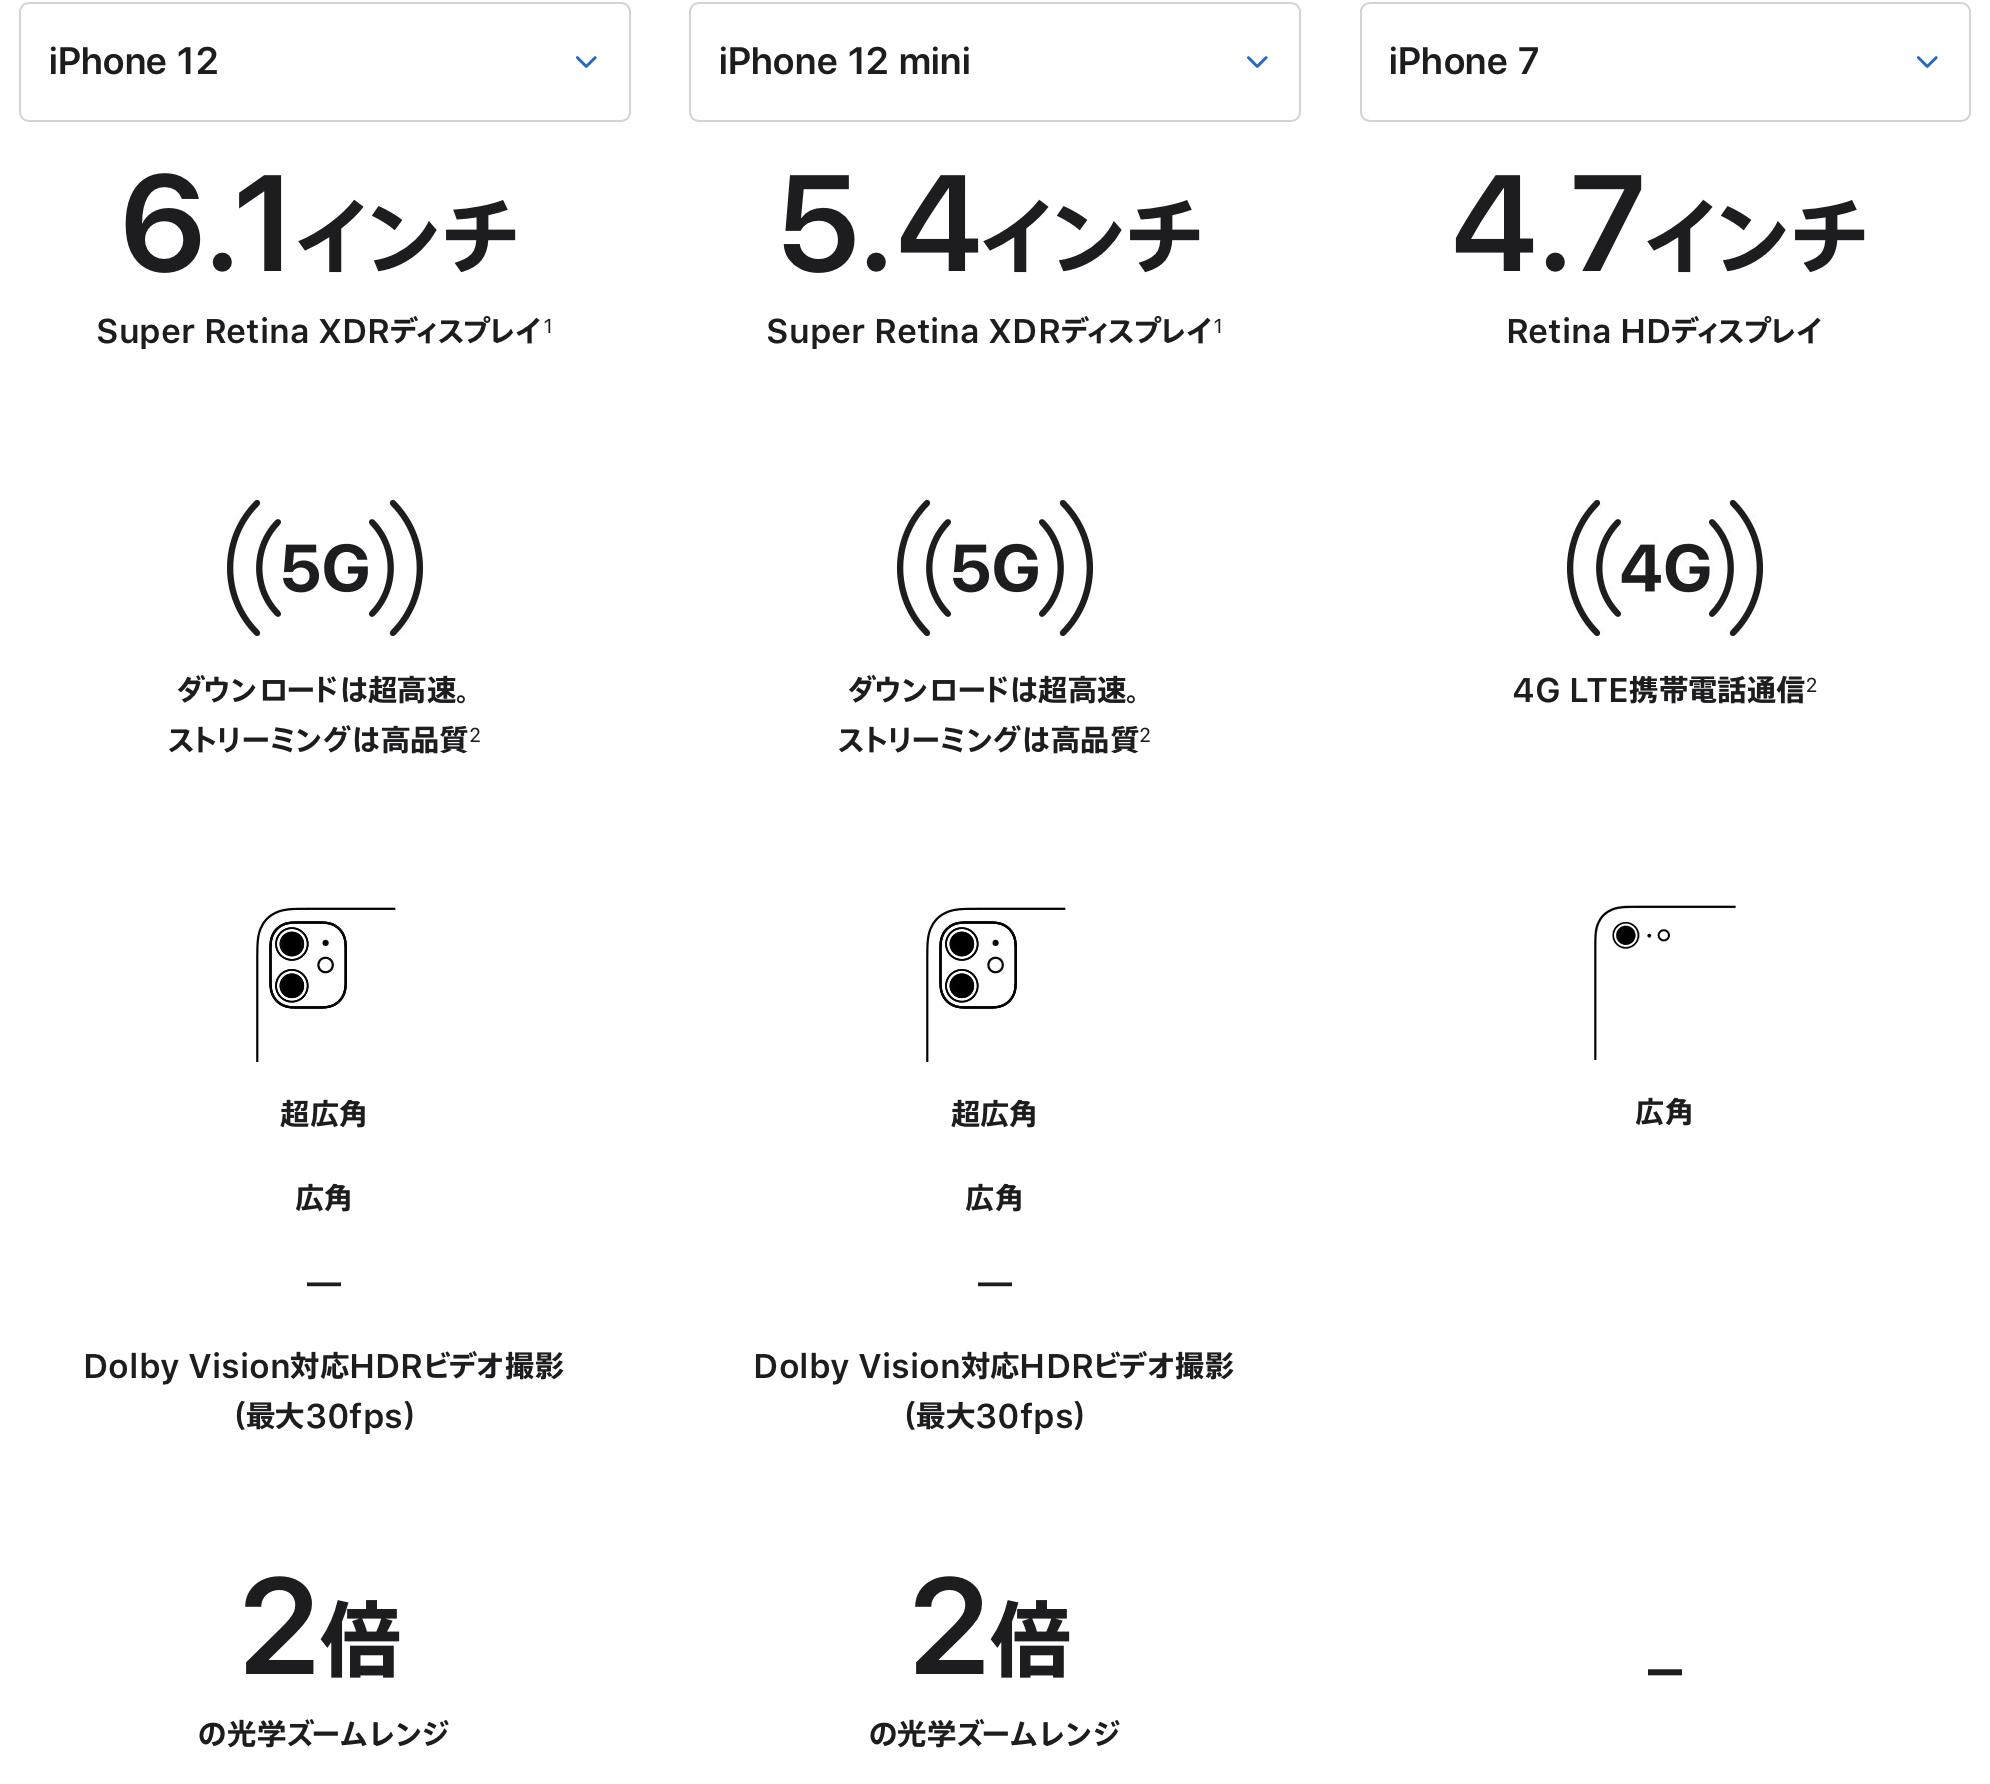 iphone12とiphone7の比較